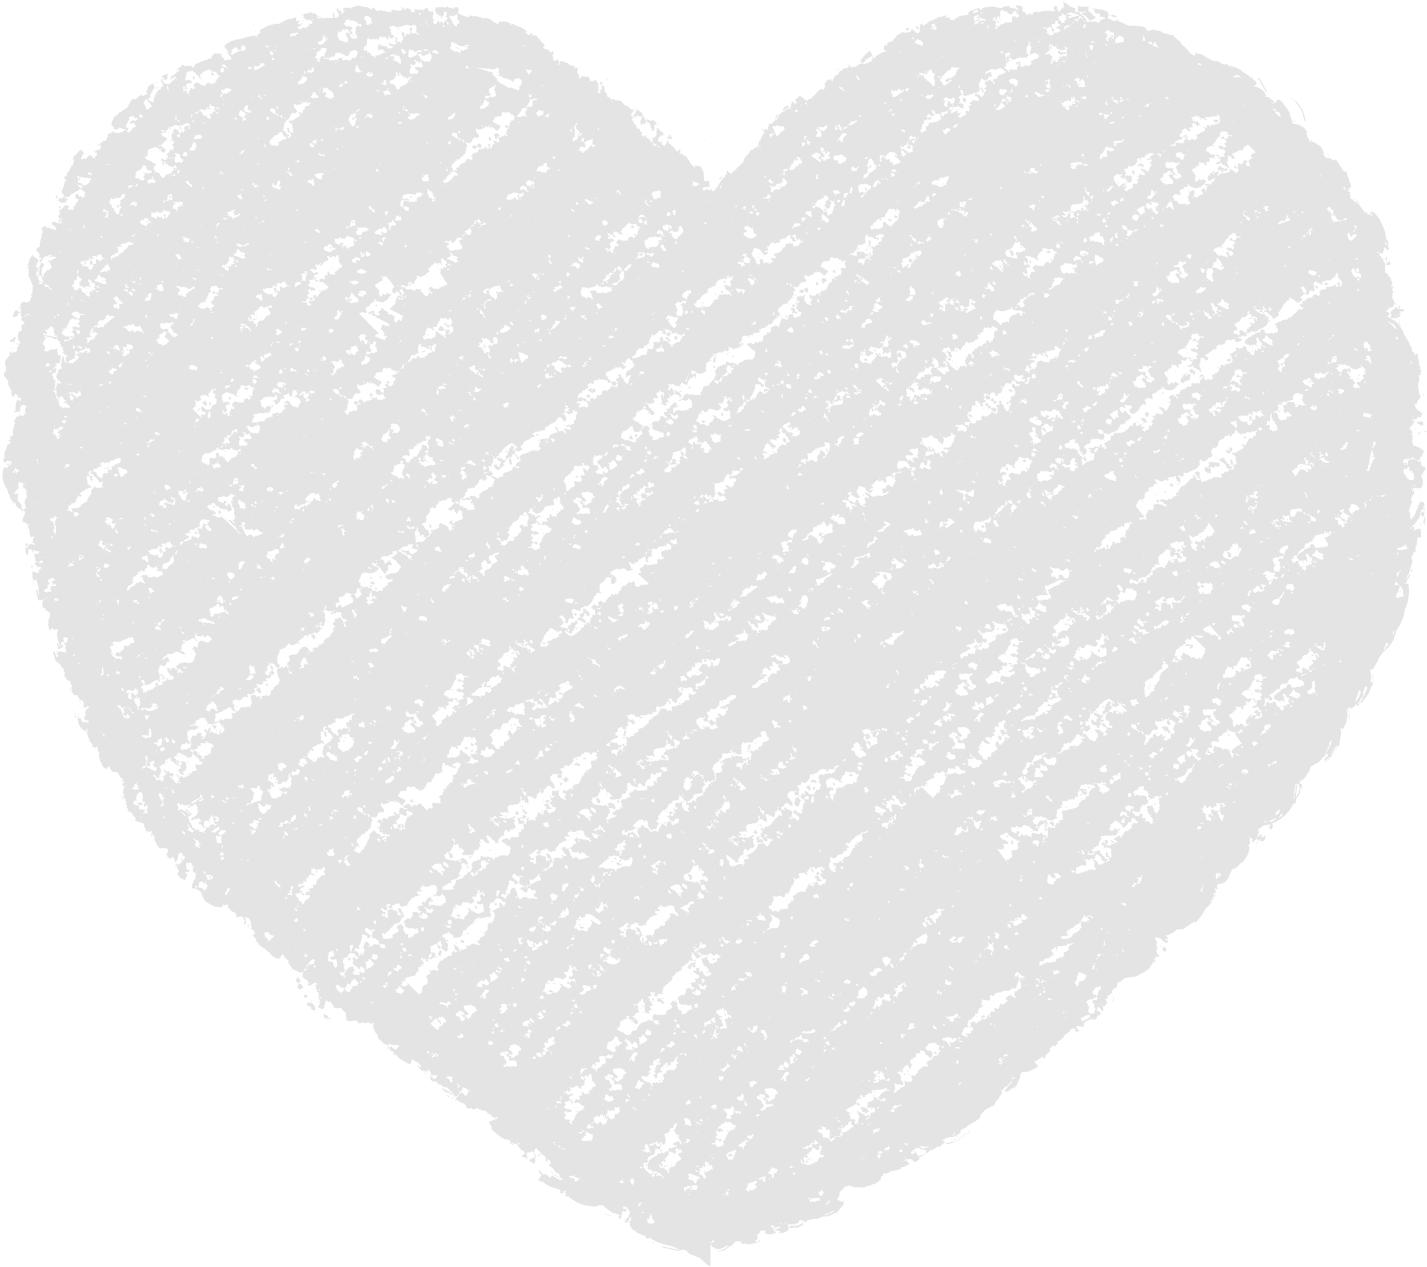 クレヨン塗り背景 パステル ねずみ色 新(グレー)ハートのイラスト heart_gray